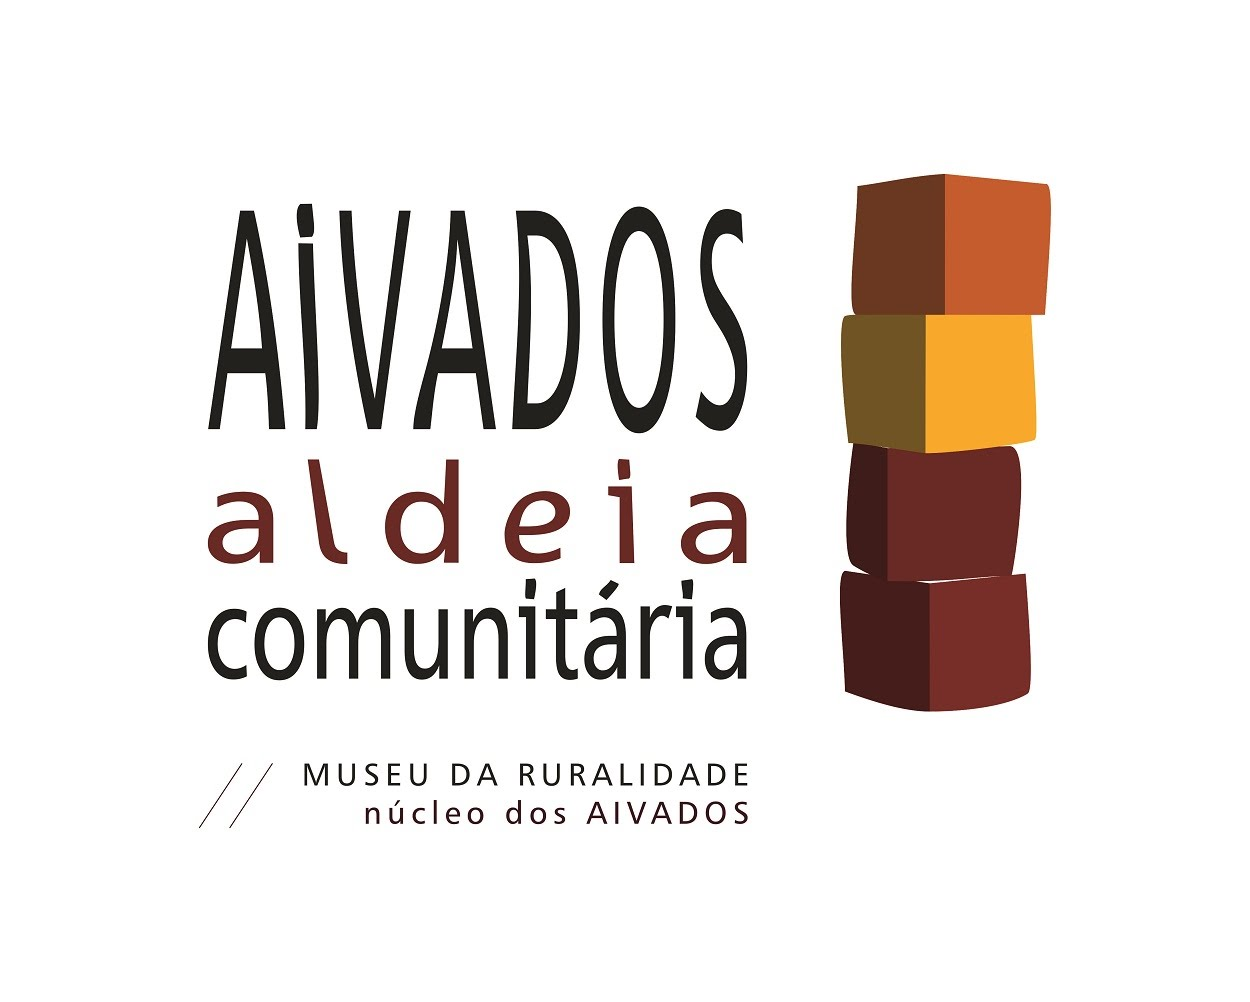 Aivados - Aldeia Comunitária